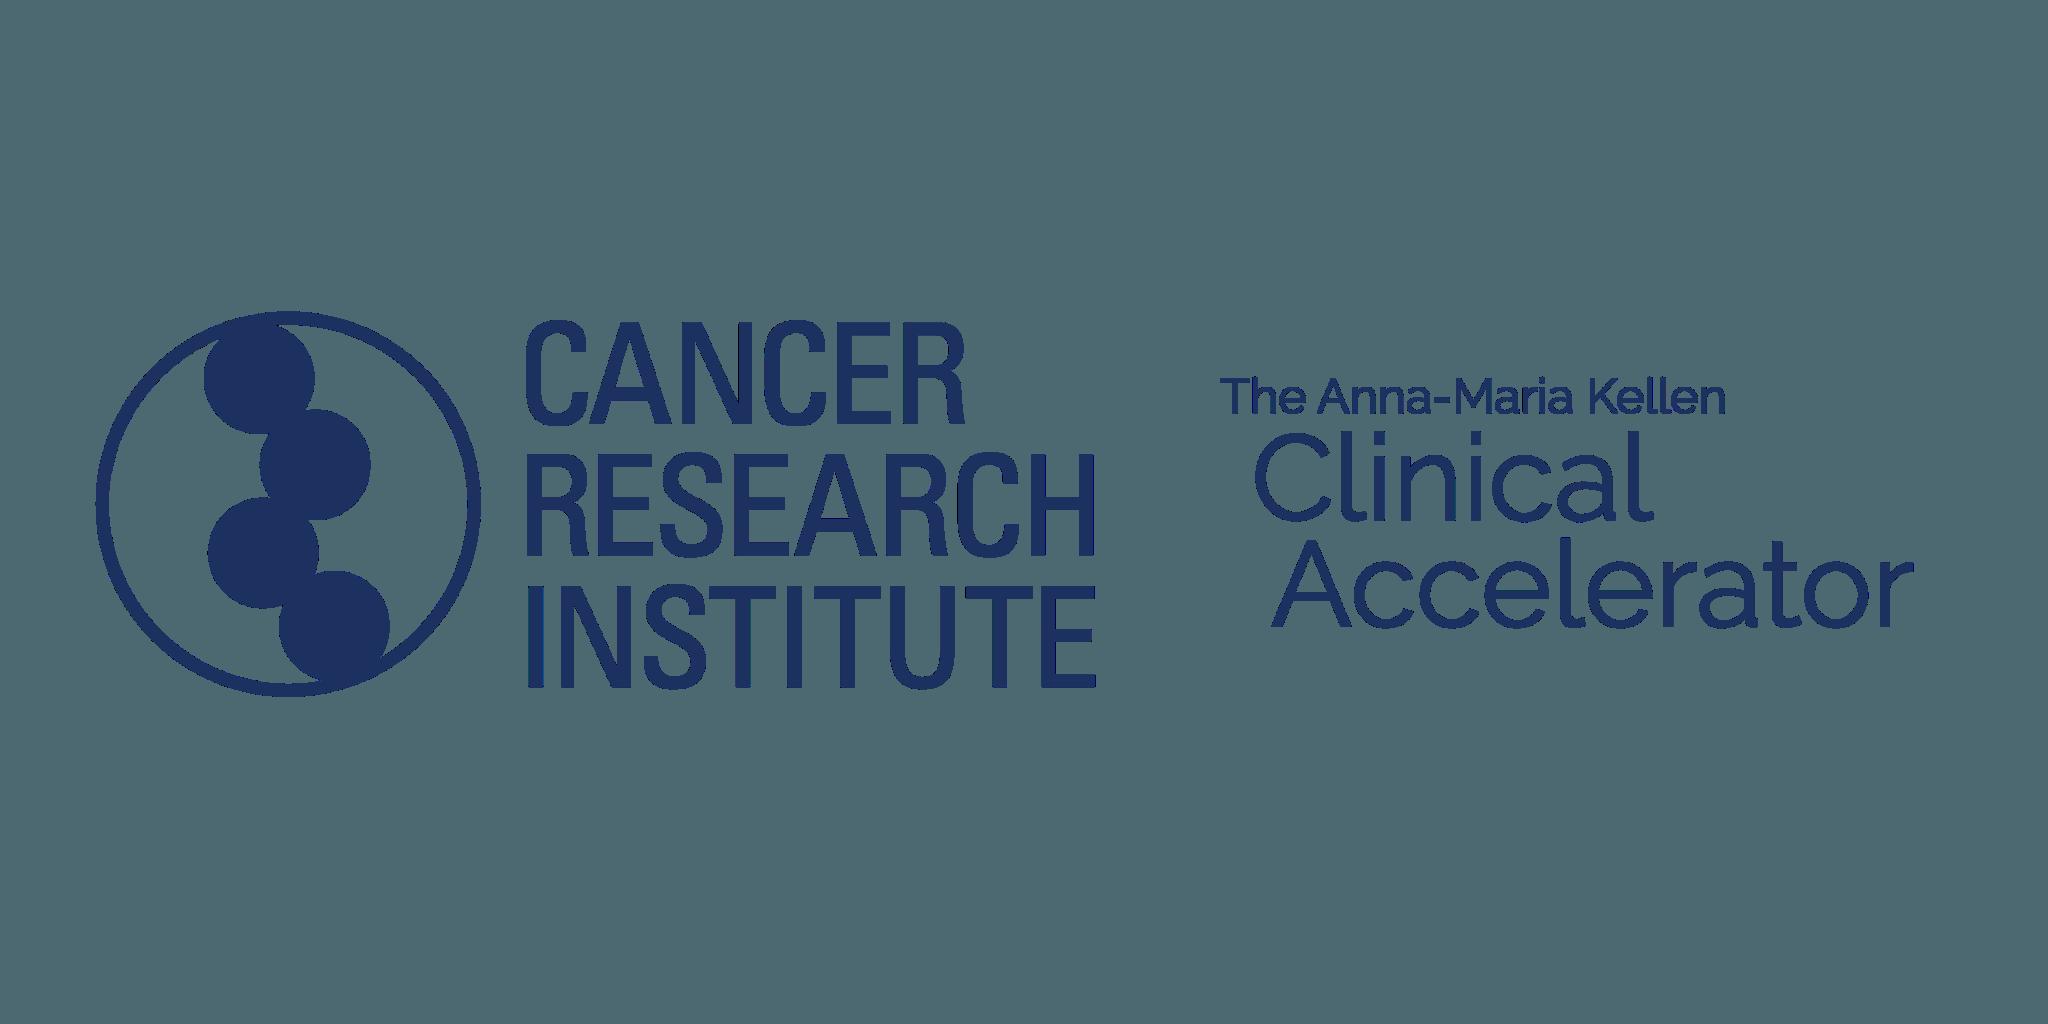 CancerResearchInstitute